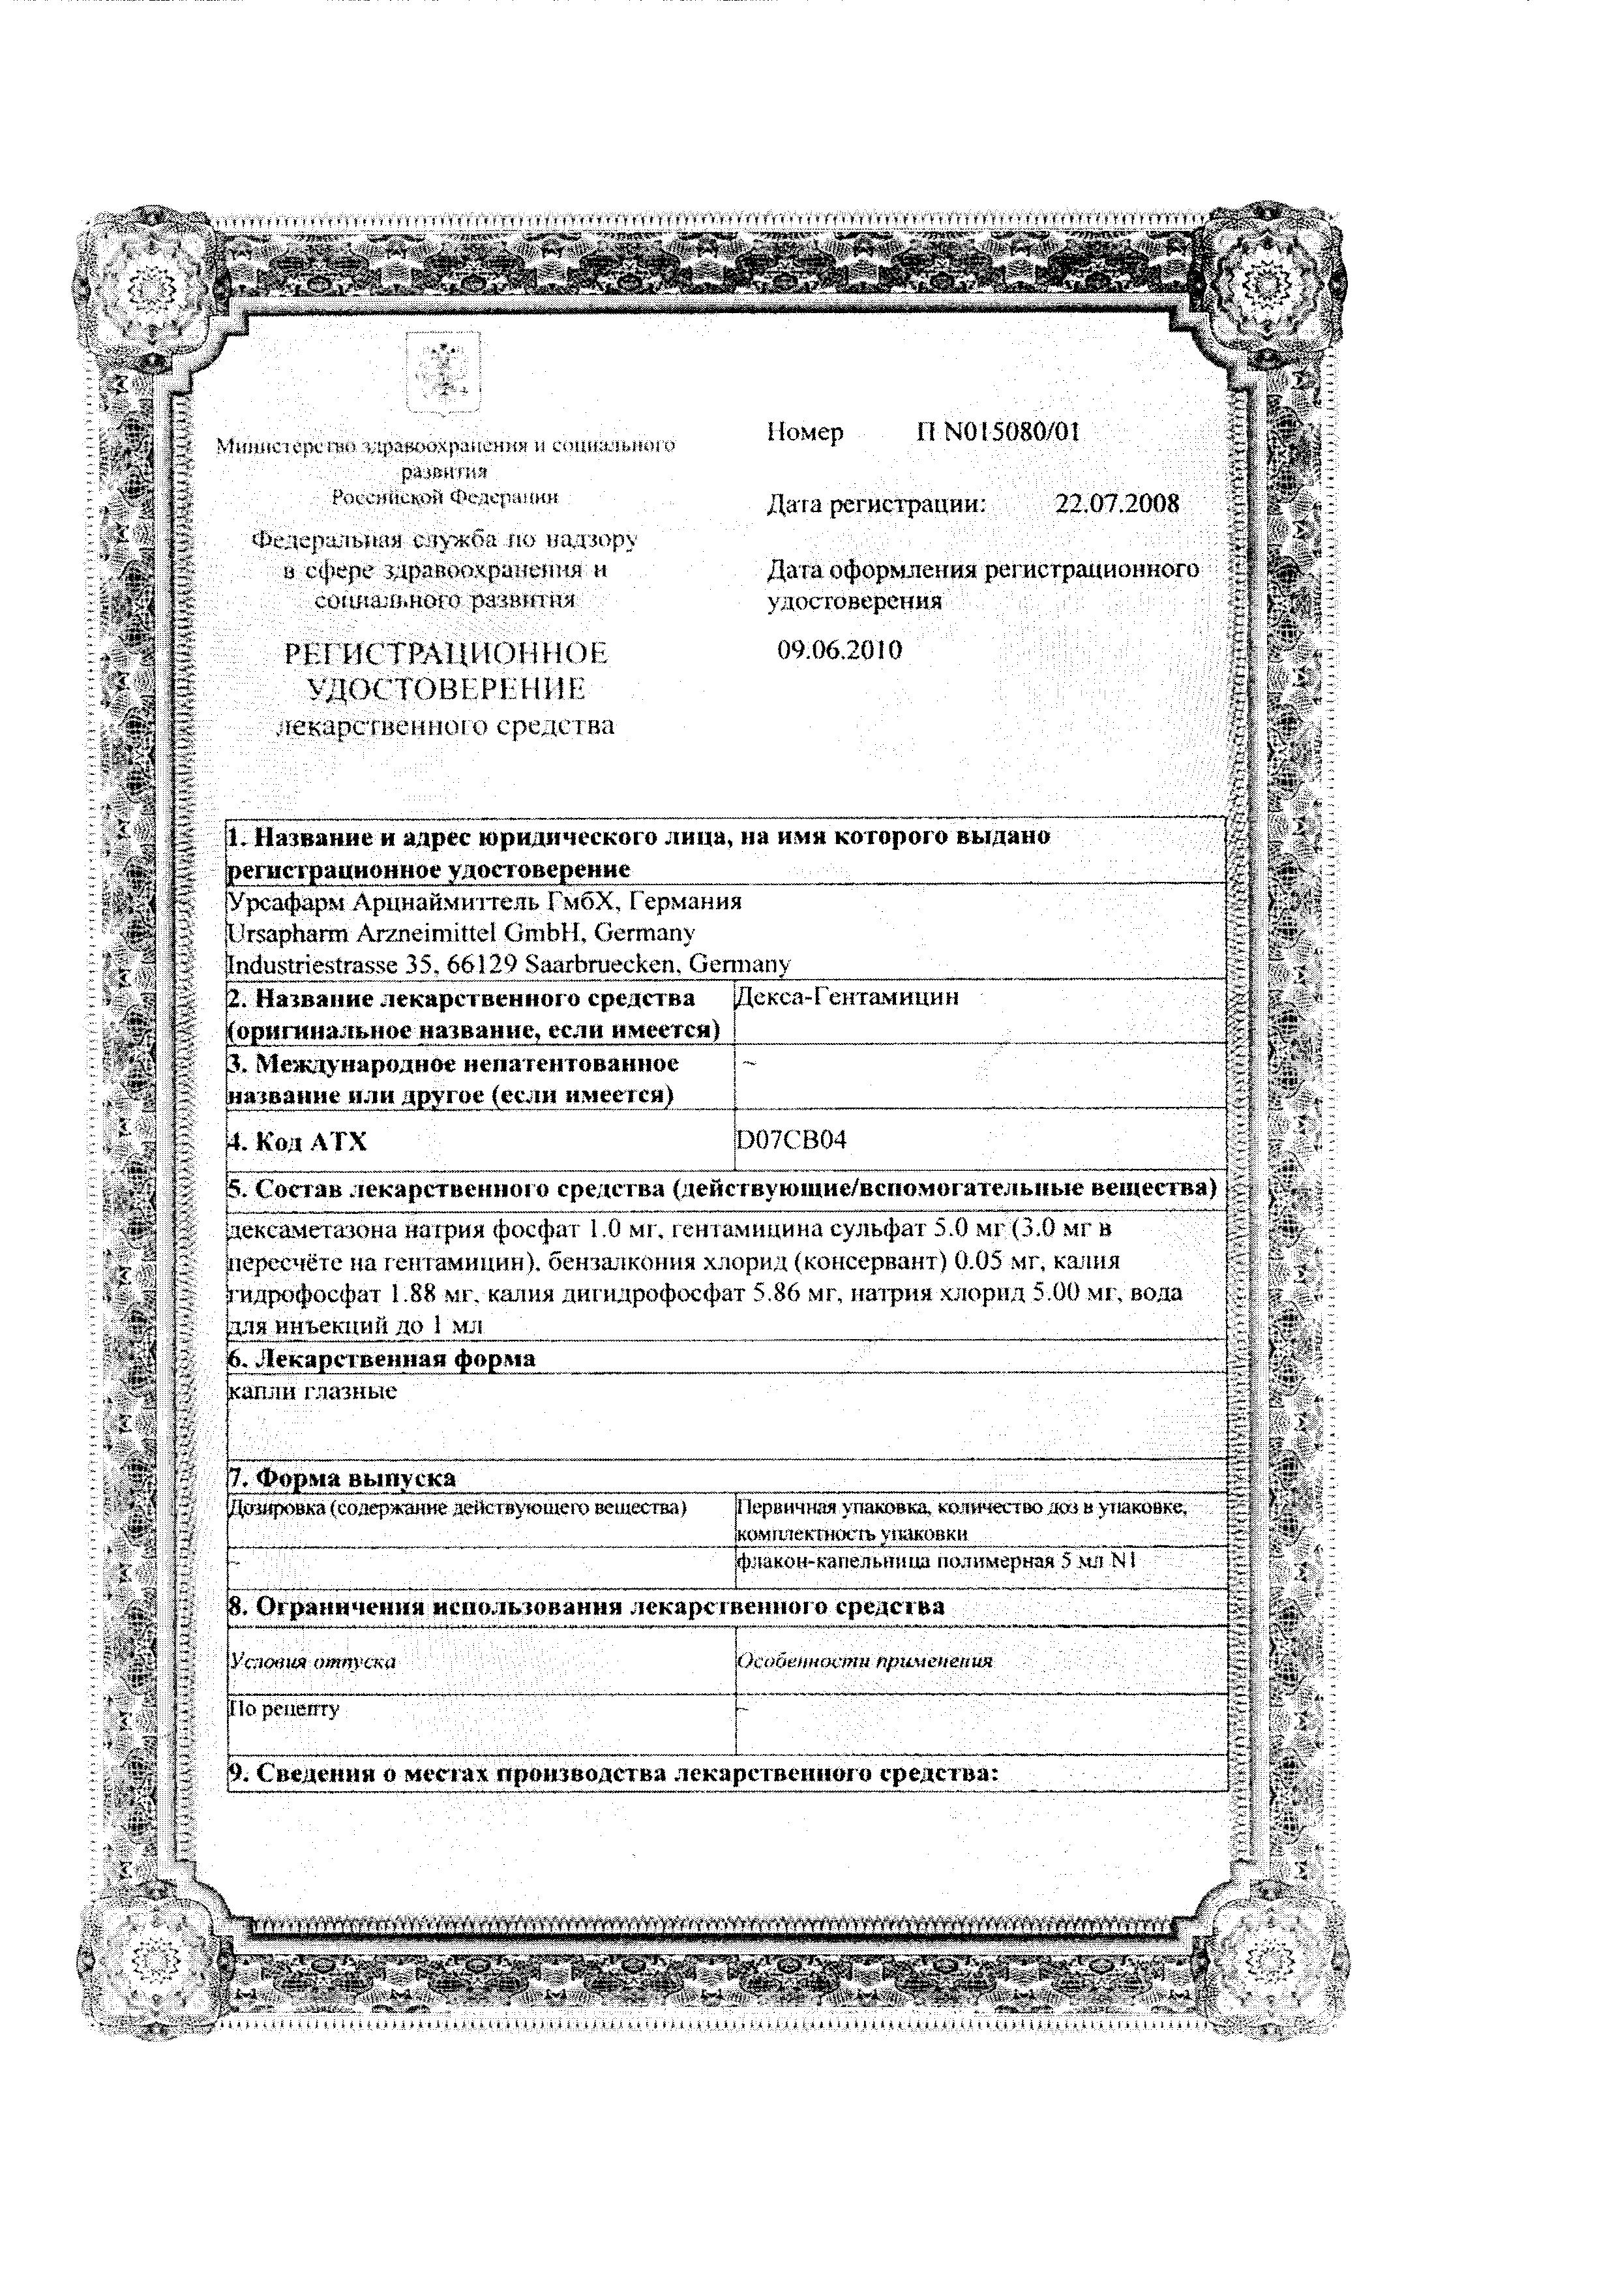 Декса-Гентамицин сертификат